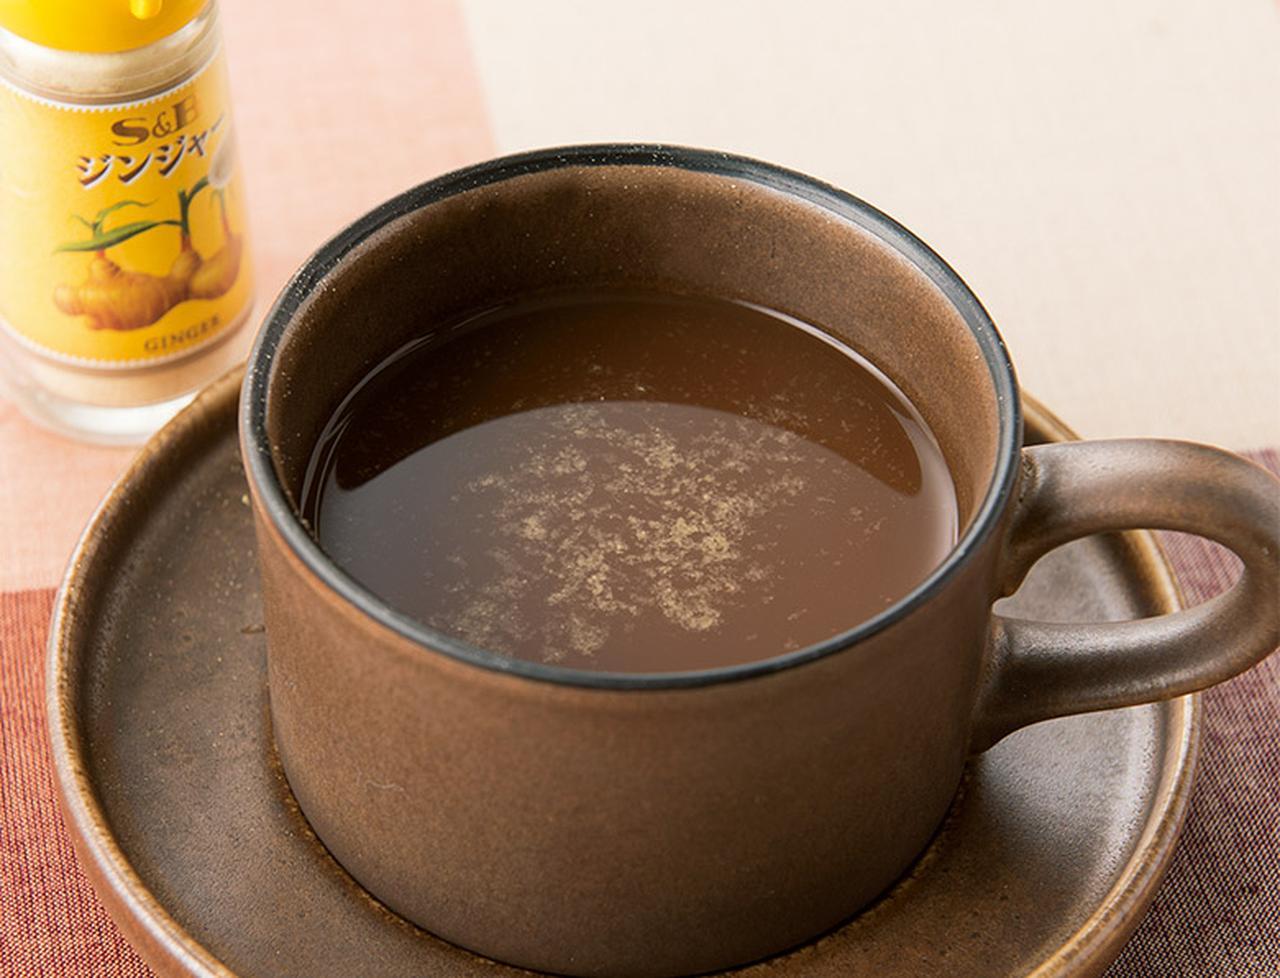 画像21: むくみを取るお茶【あずき紅茶の作り方】貧血改善には「さらしあん」で作るのがおすすめ